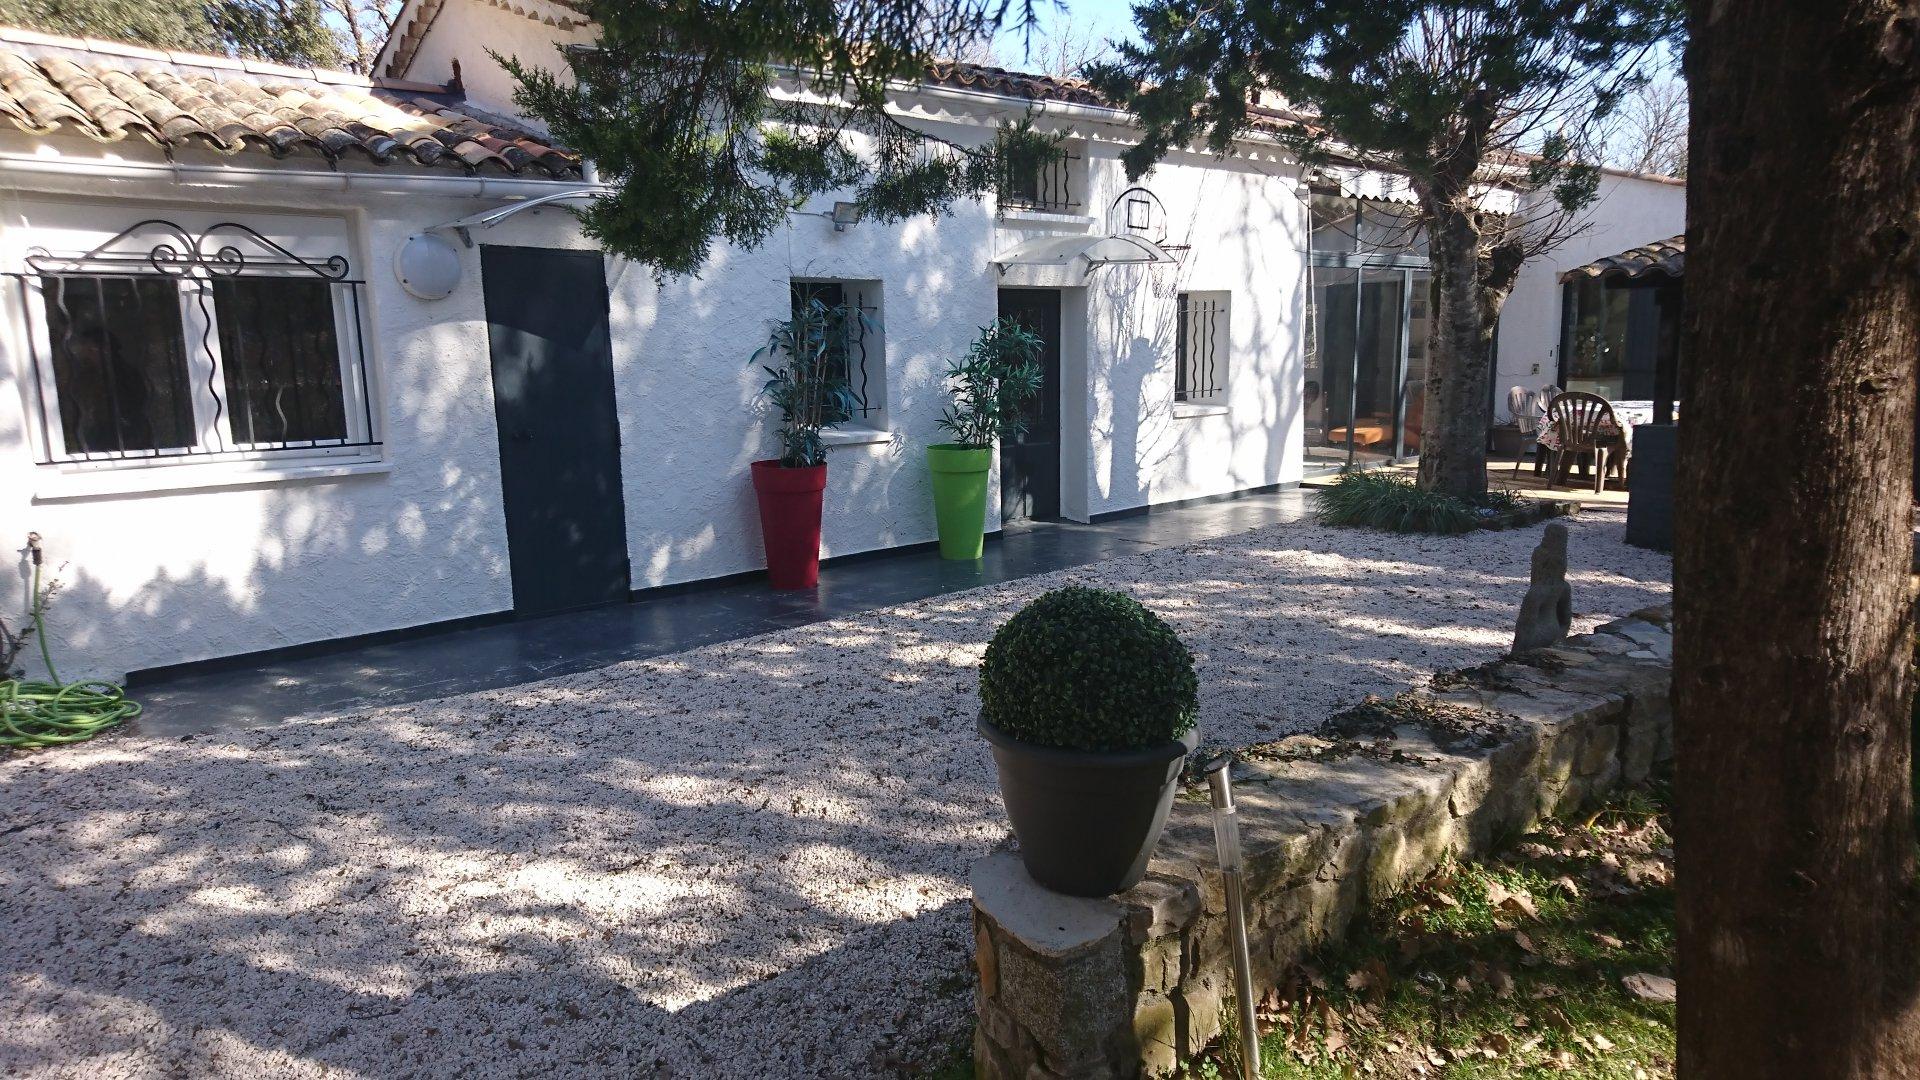 LORGUES, MAISON EN BON ETAT + STUDIO SUR 5519 M² DE TERRAIN AVEC PISCINE